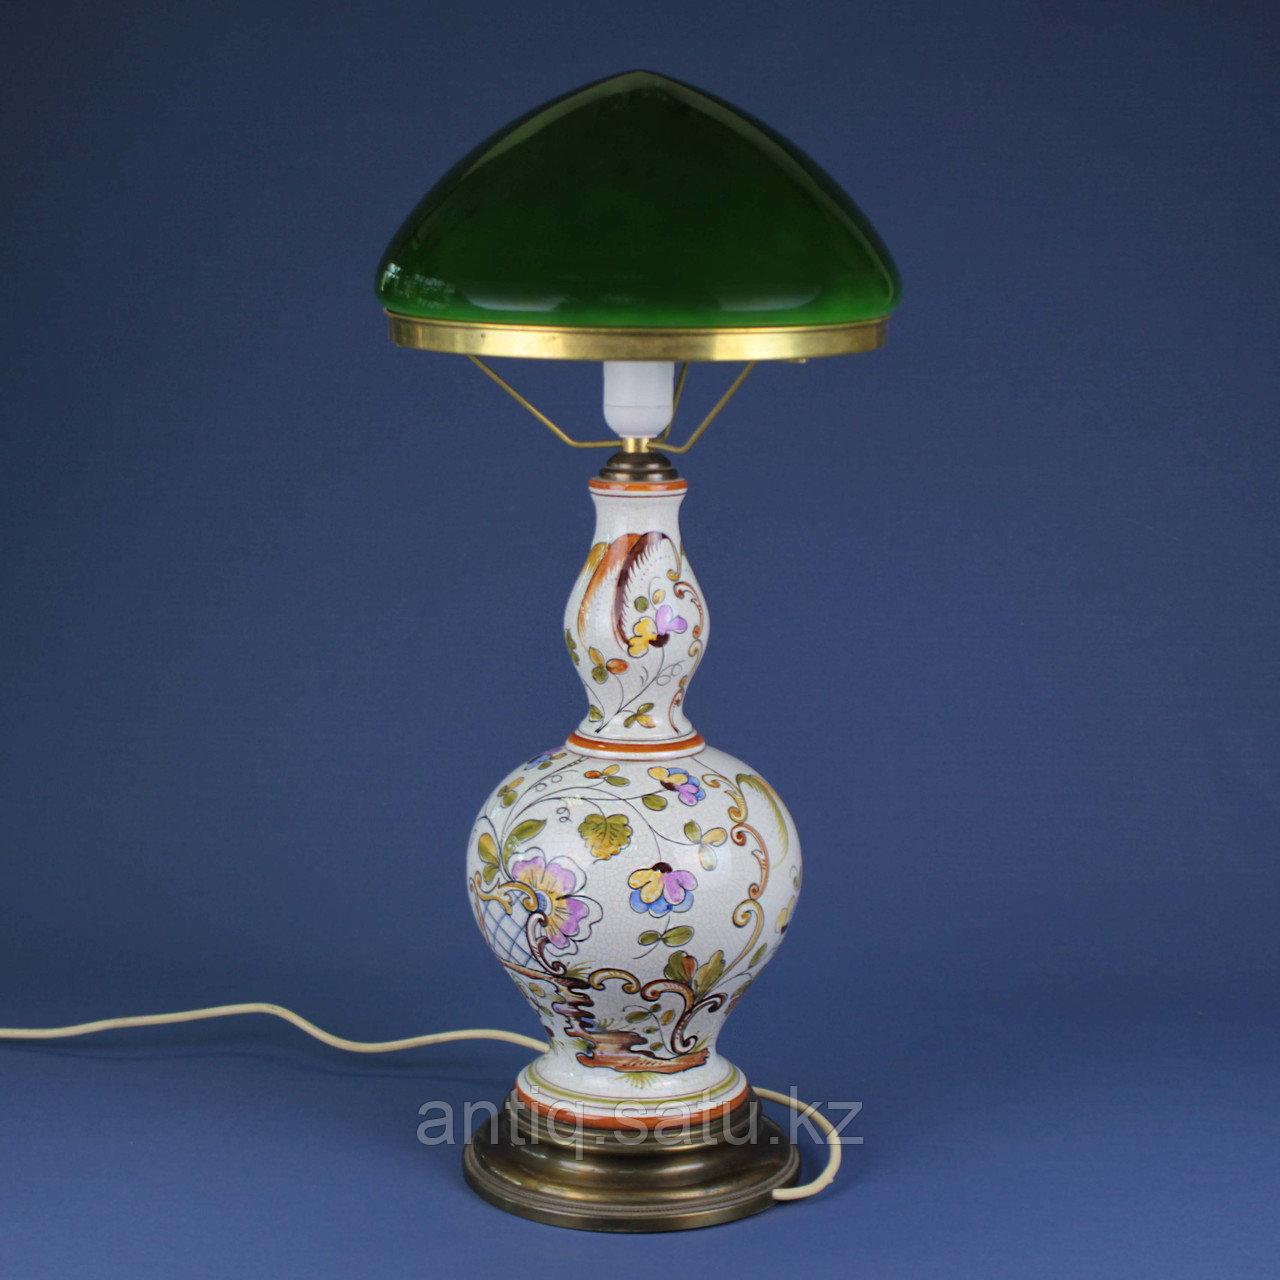 Лампа из итальянской мойолики. - фото 6